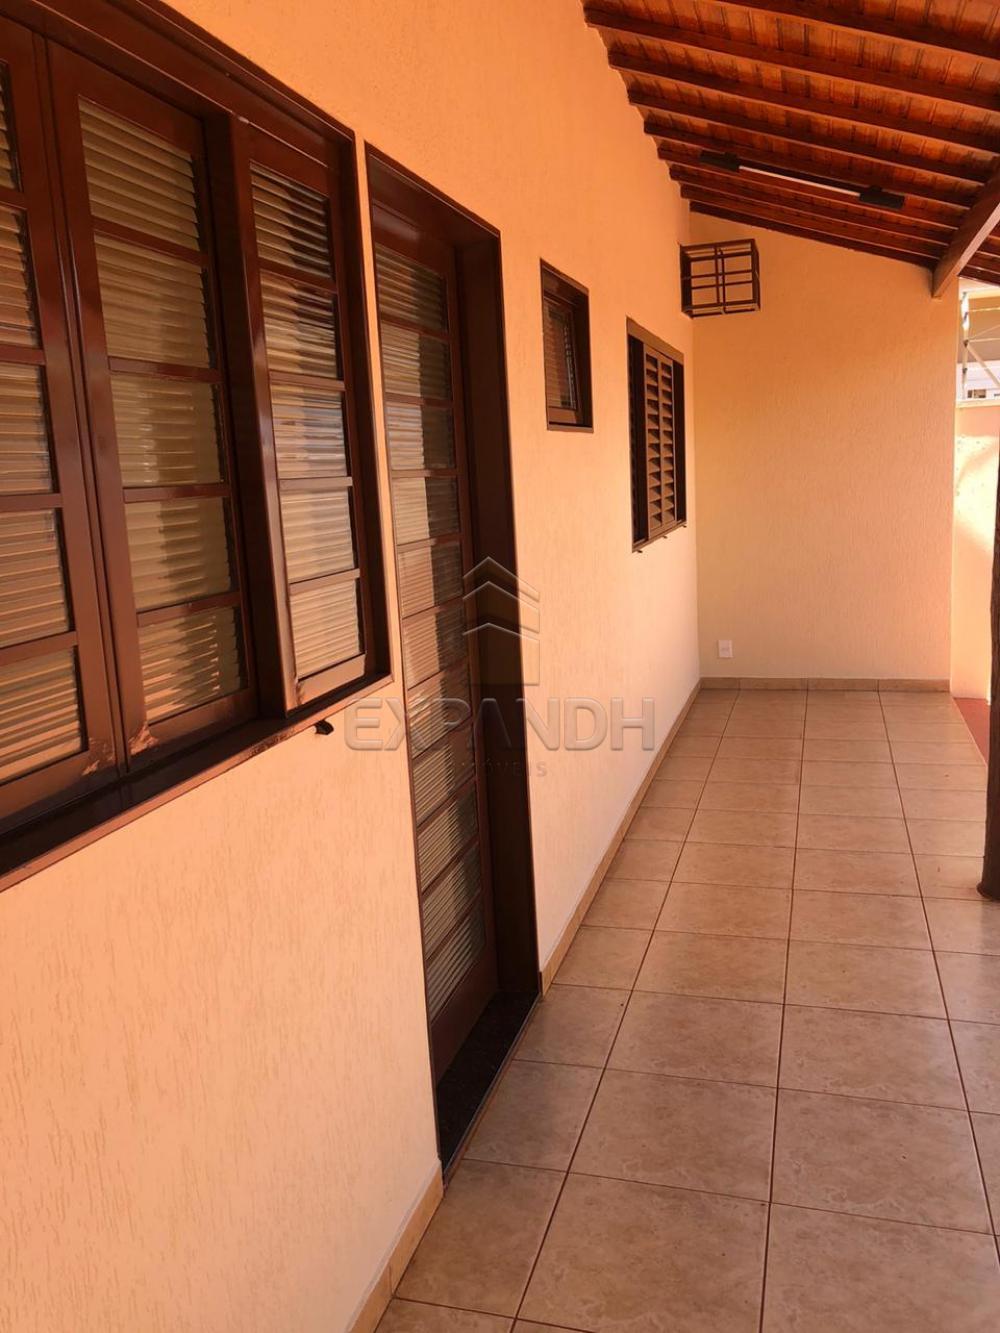 Alugar Casas / Padrão em Sertãozinho R$ 700,00 - Foto 4